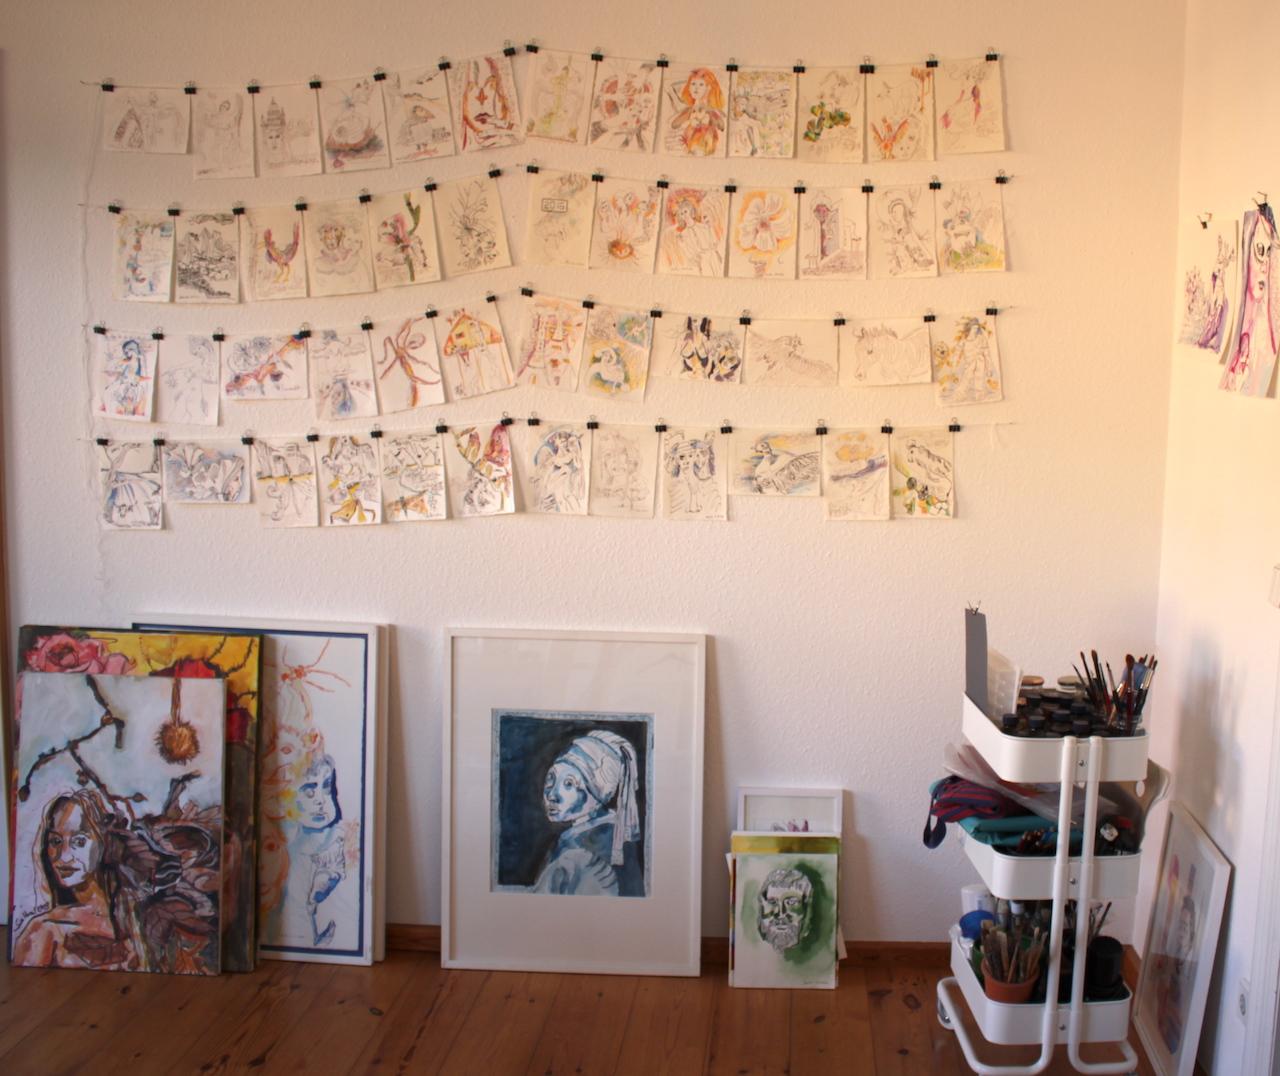 Übersicht über Tagebucheinträge bis dato von Susanne Haun (c) VG Bild-Kunst, Bonn 2020